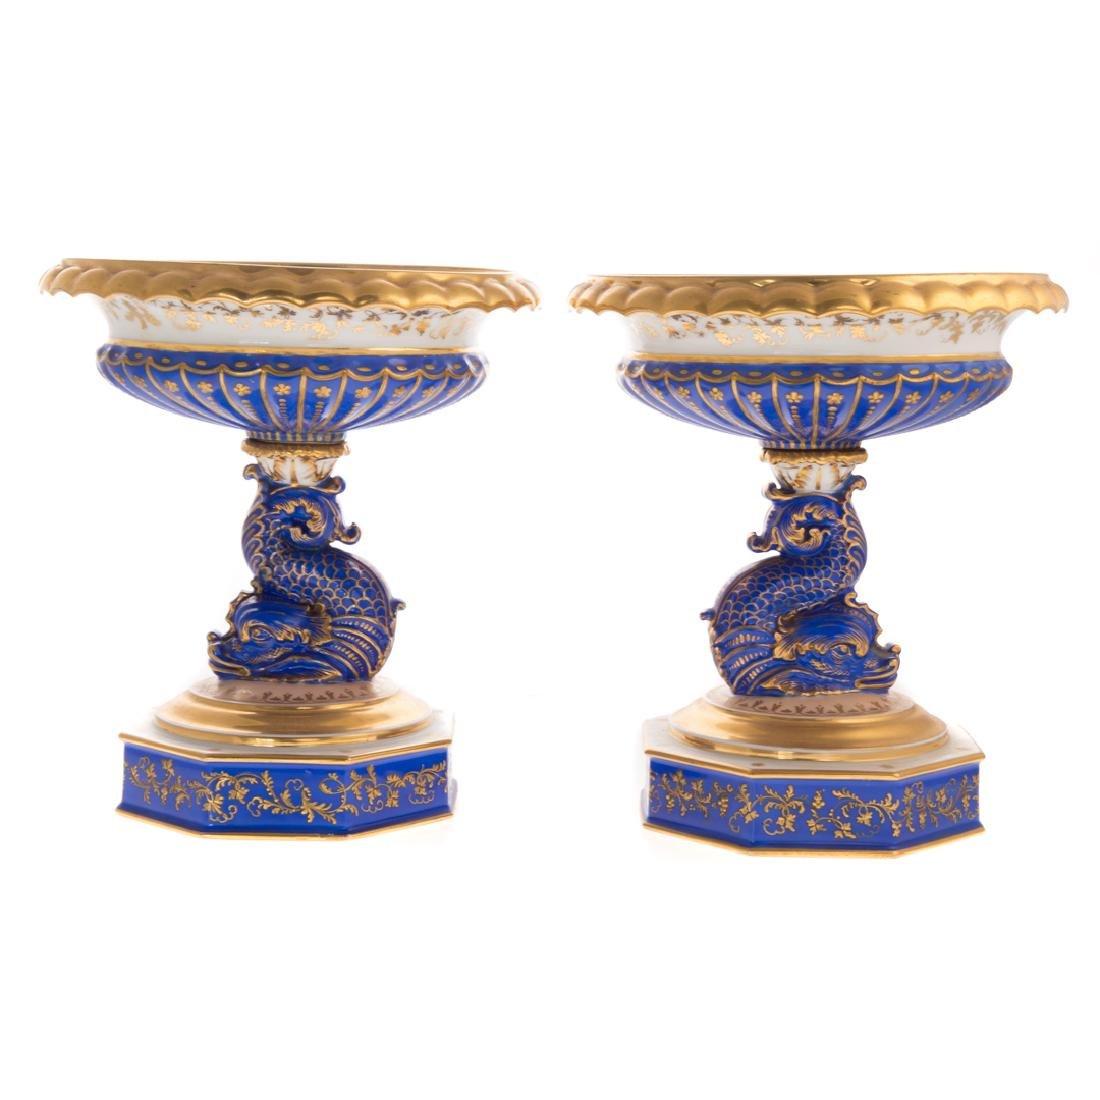 Pair Paris porcelain compotes